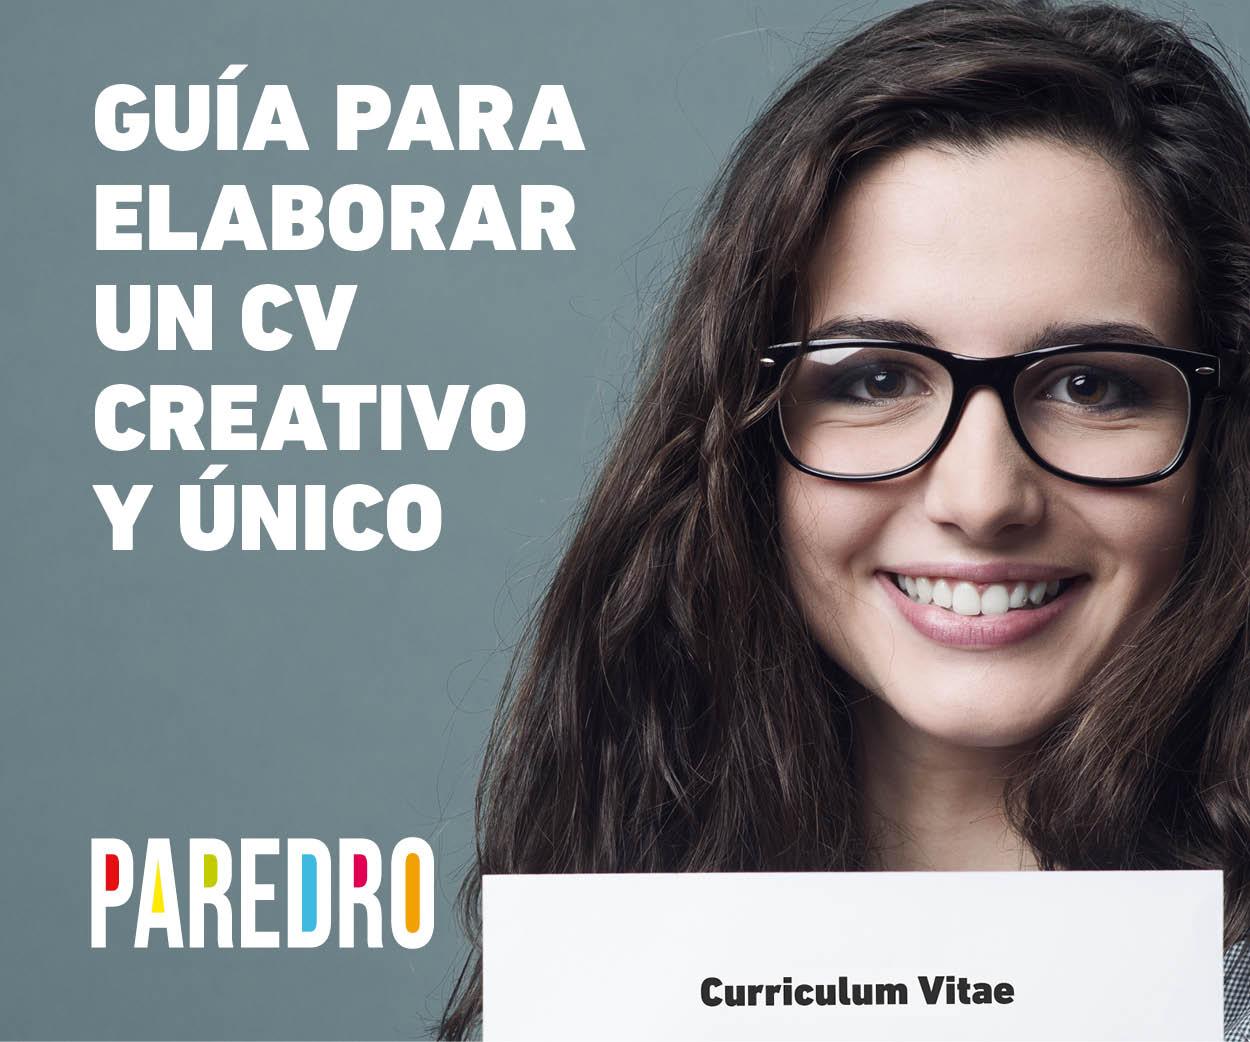 Guía para crear un CV creativo